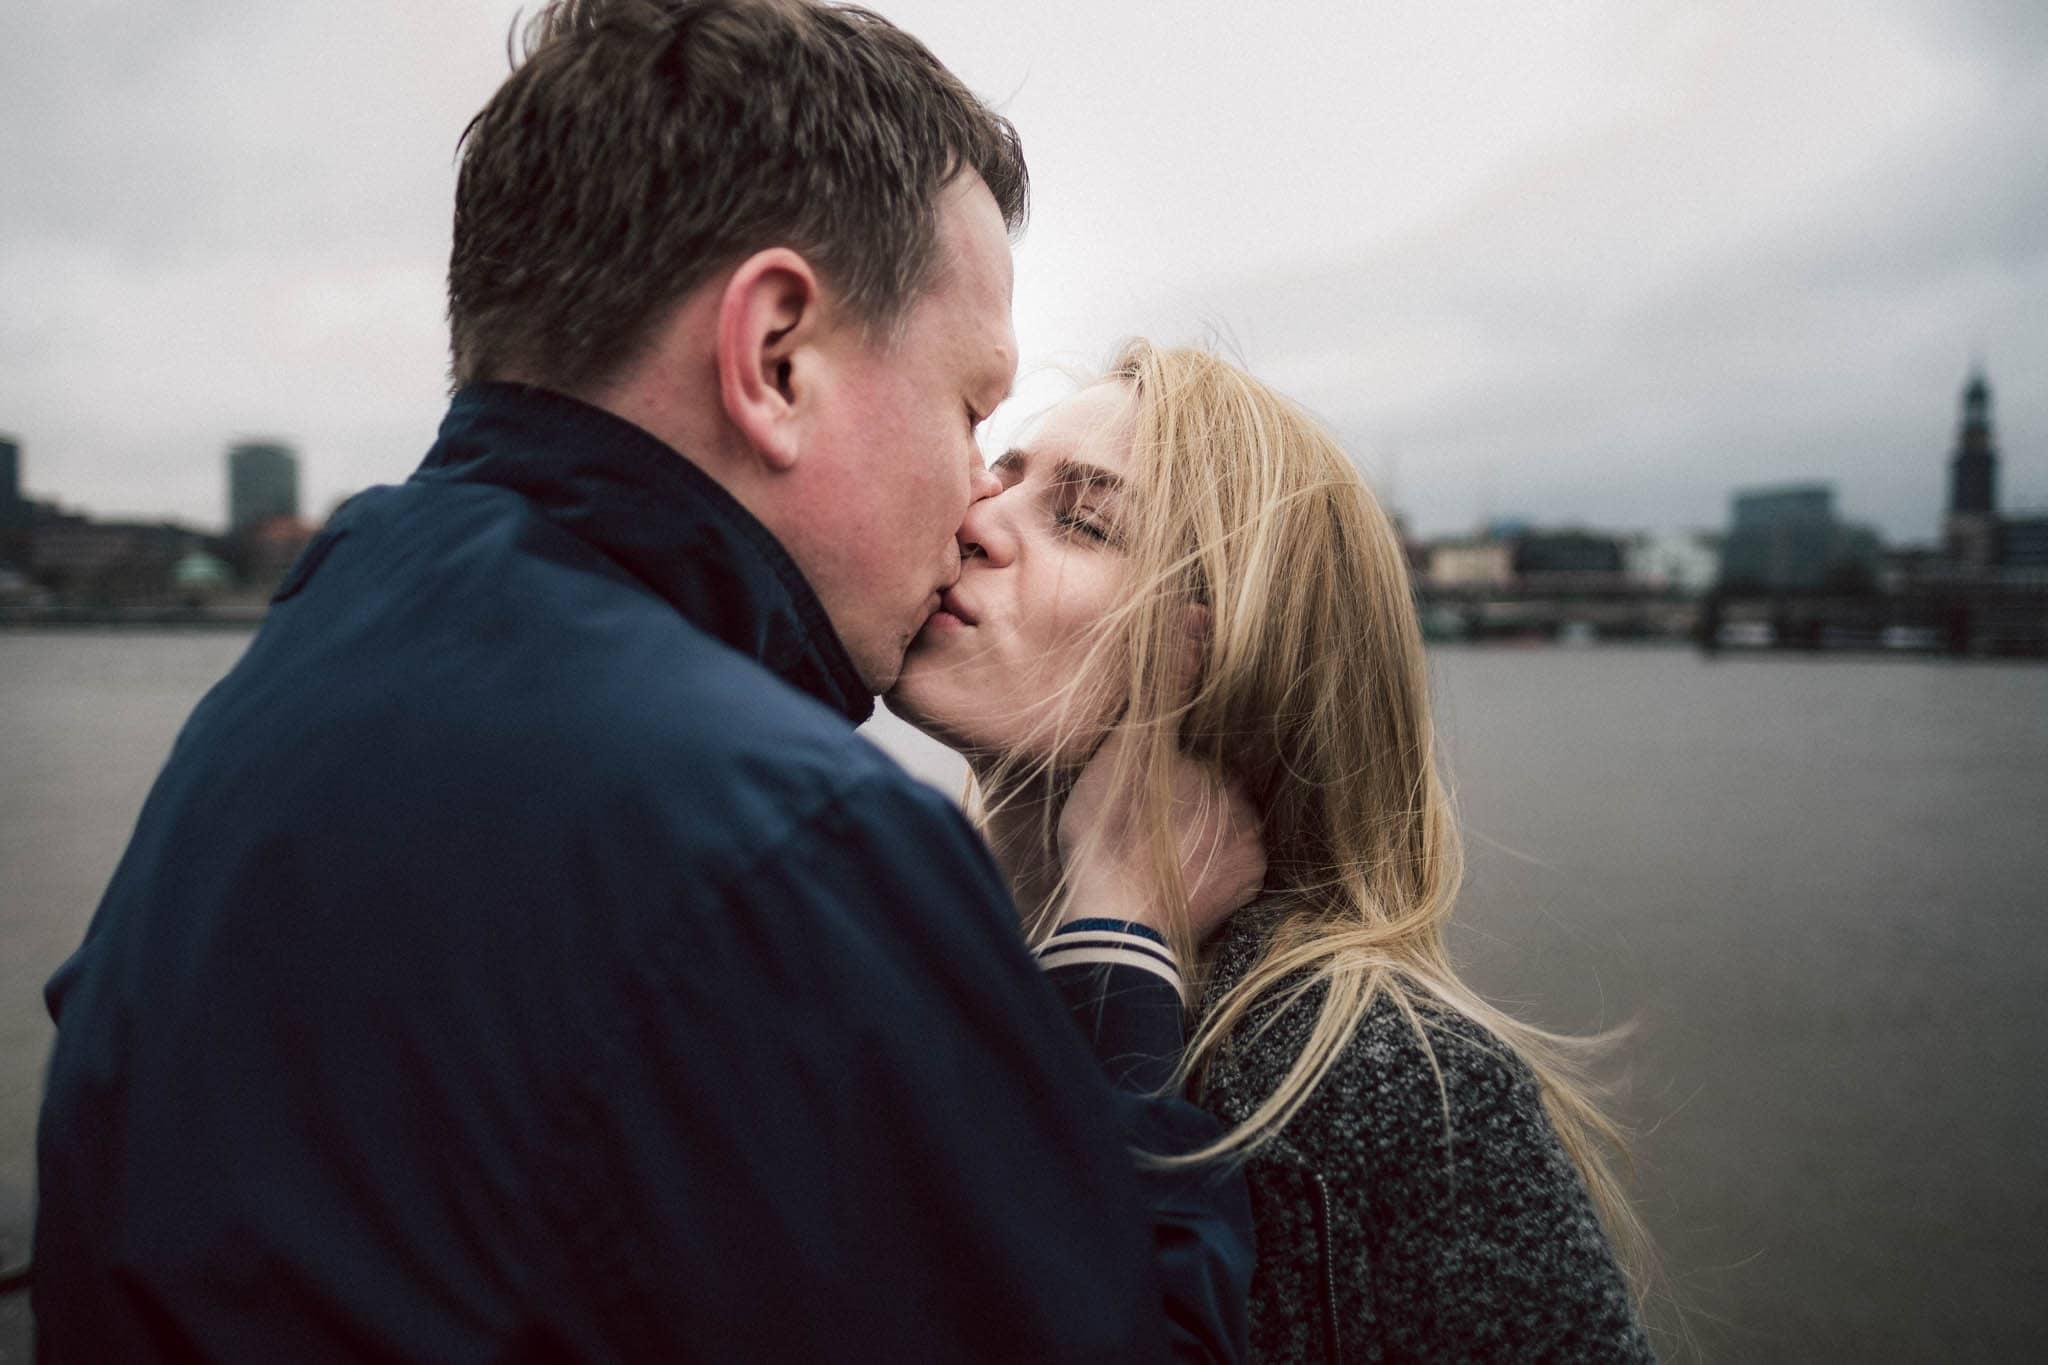 Engagementshooting, Hochzeitsfieber by Photo-Schomburg, Pärchenshoot, Hamburg, Elbe, Hamburger Hafen, Hochzeitsfotograf, Wedding, Coupleshoot, Hochzeitsfotografie-14